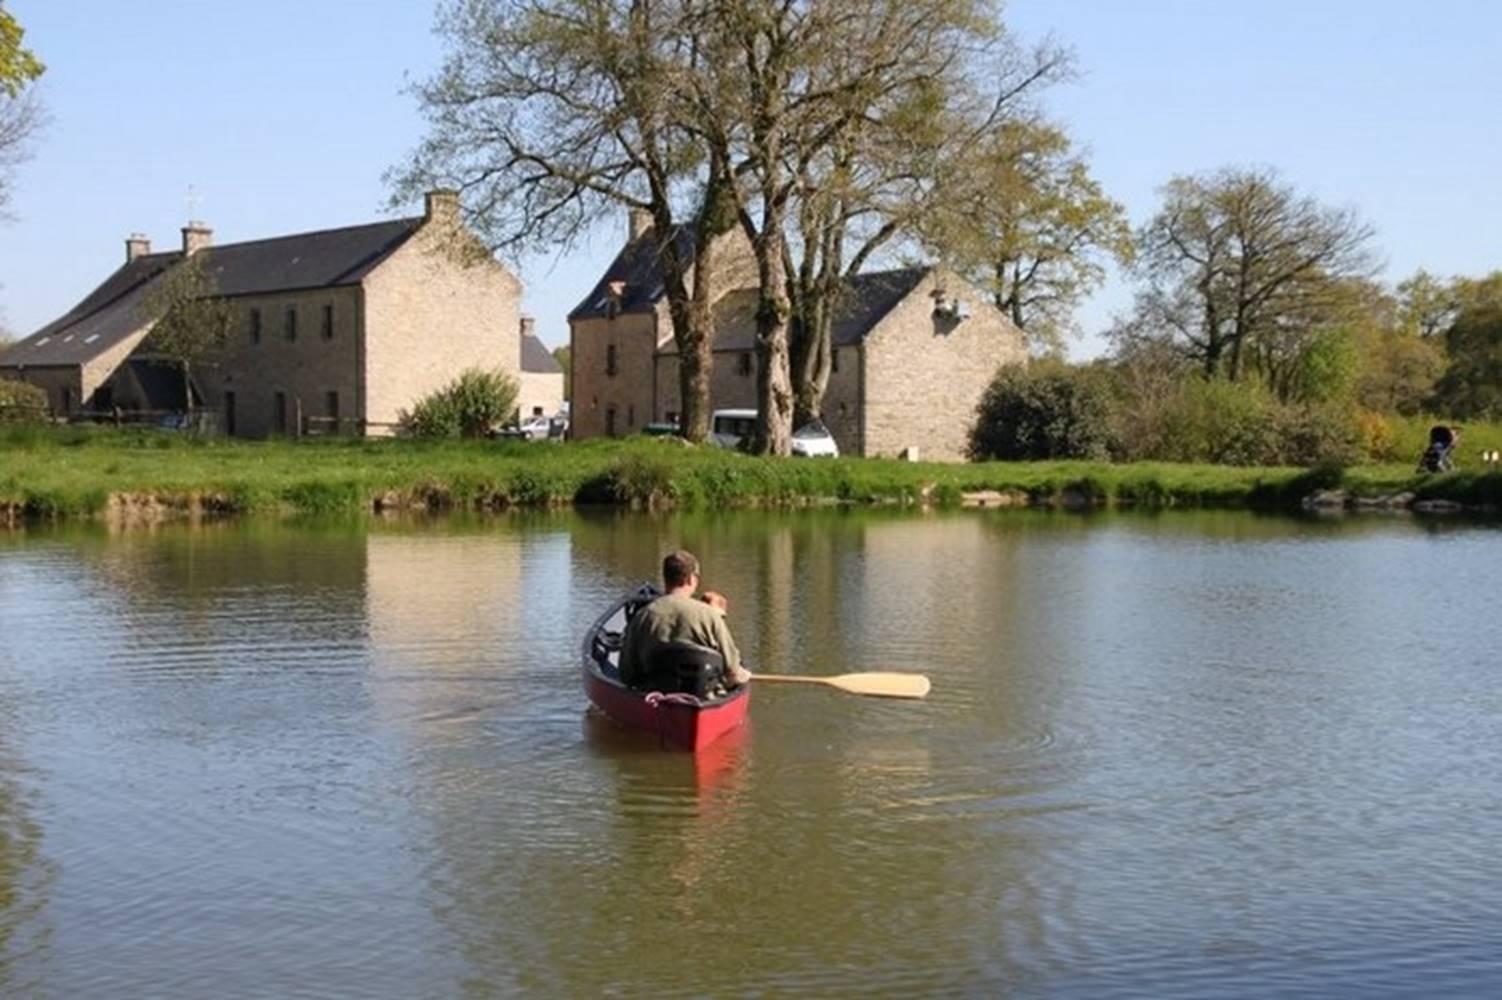 DOMAINE DE BOBEHEC - Location de canoe sur l'étang - Morbihan - Bretagne Sud © CHOUVELLON